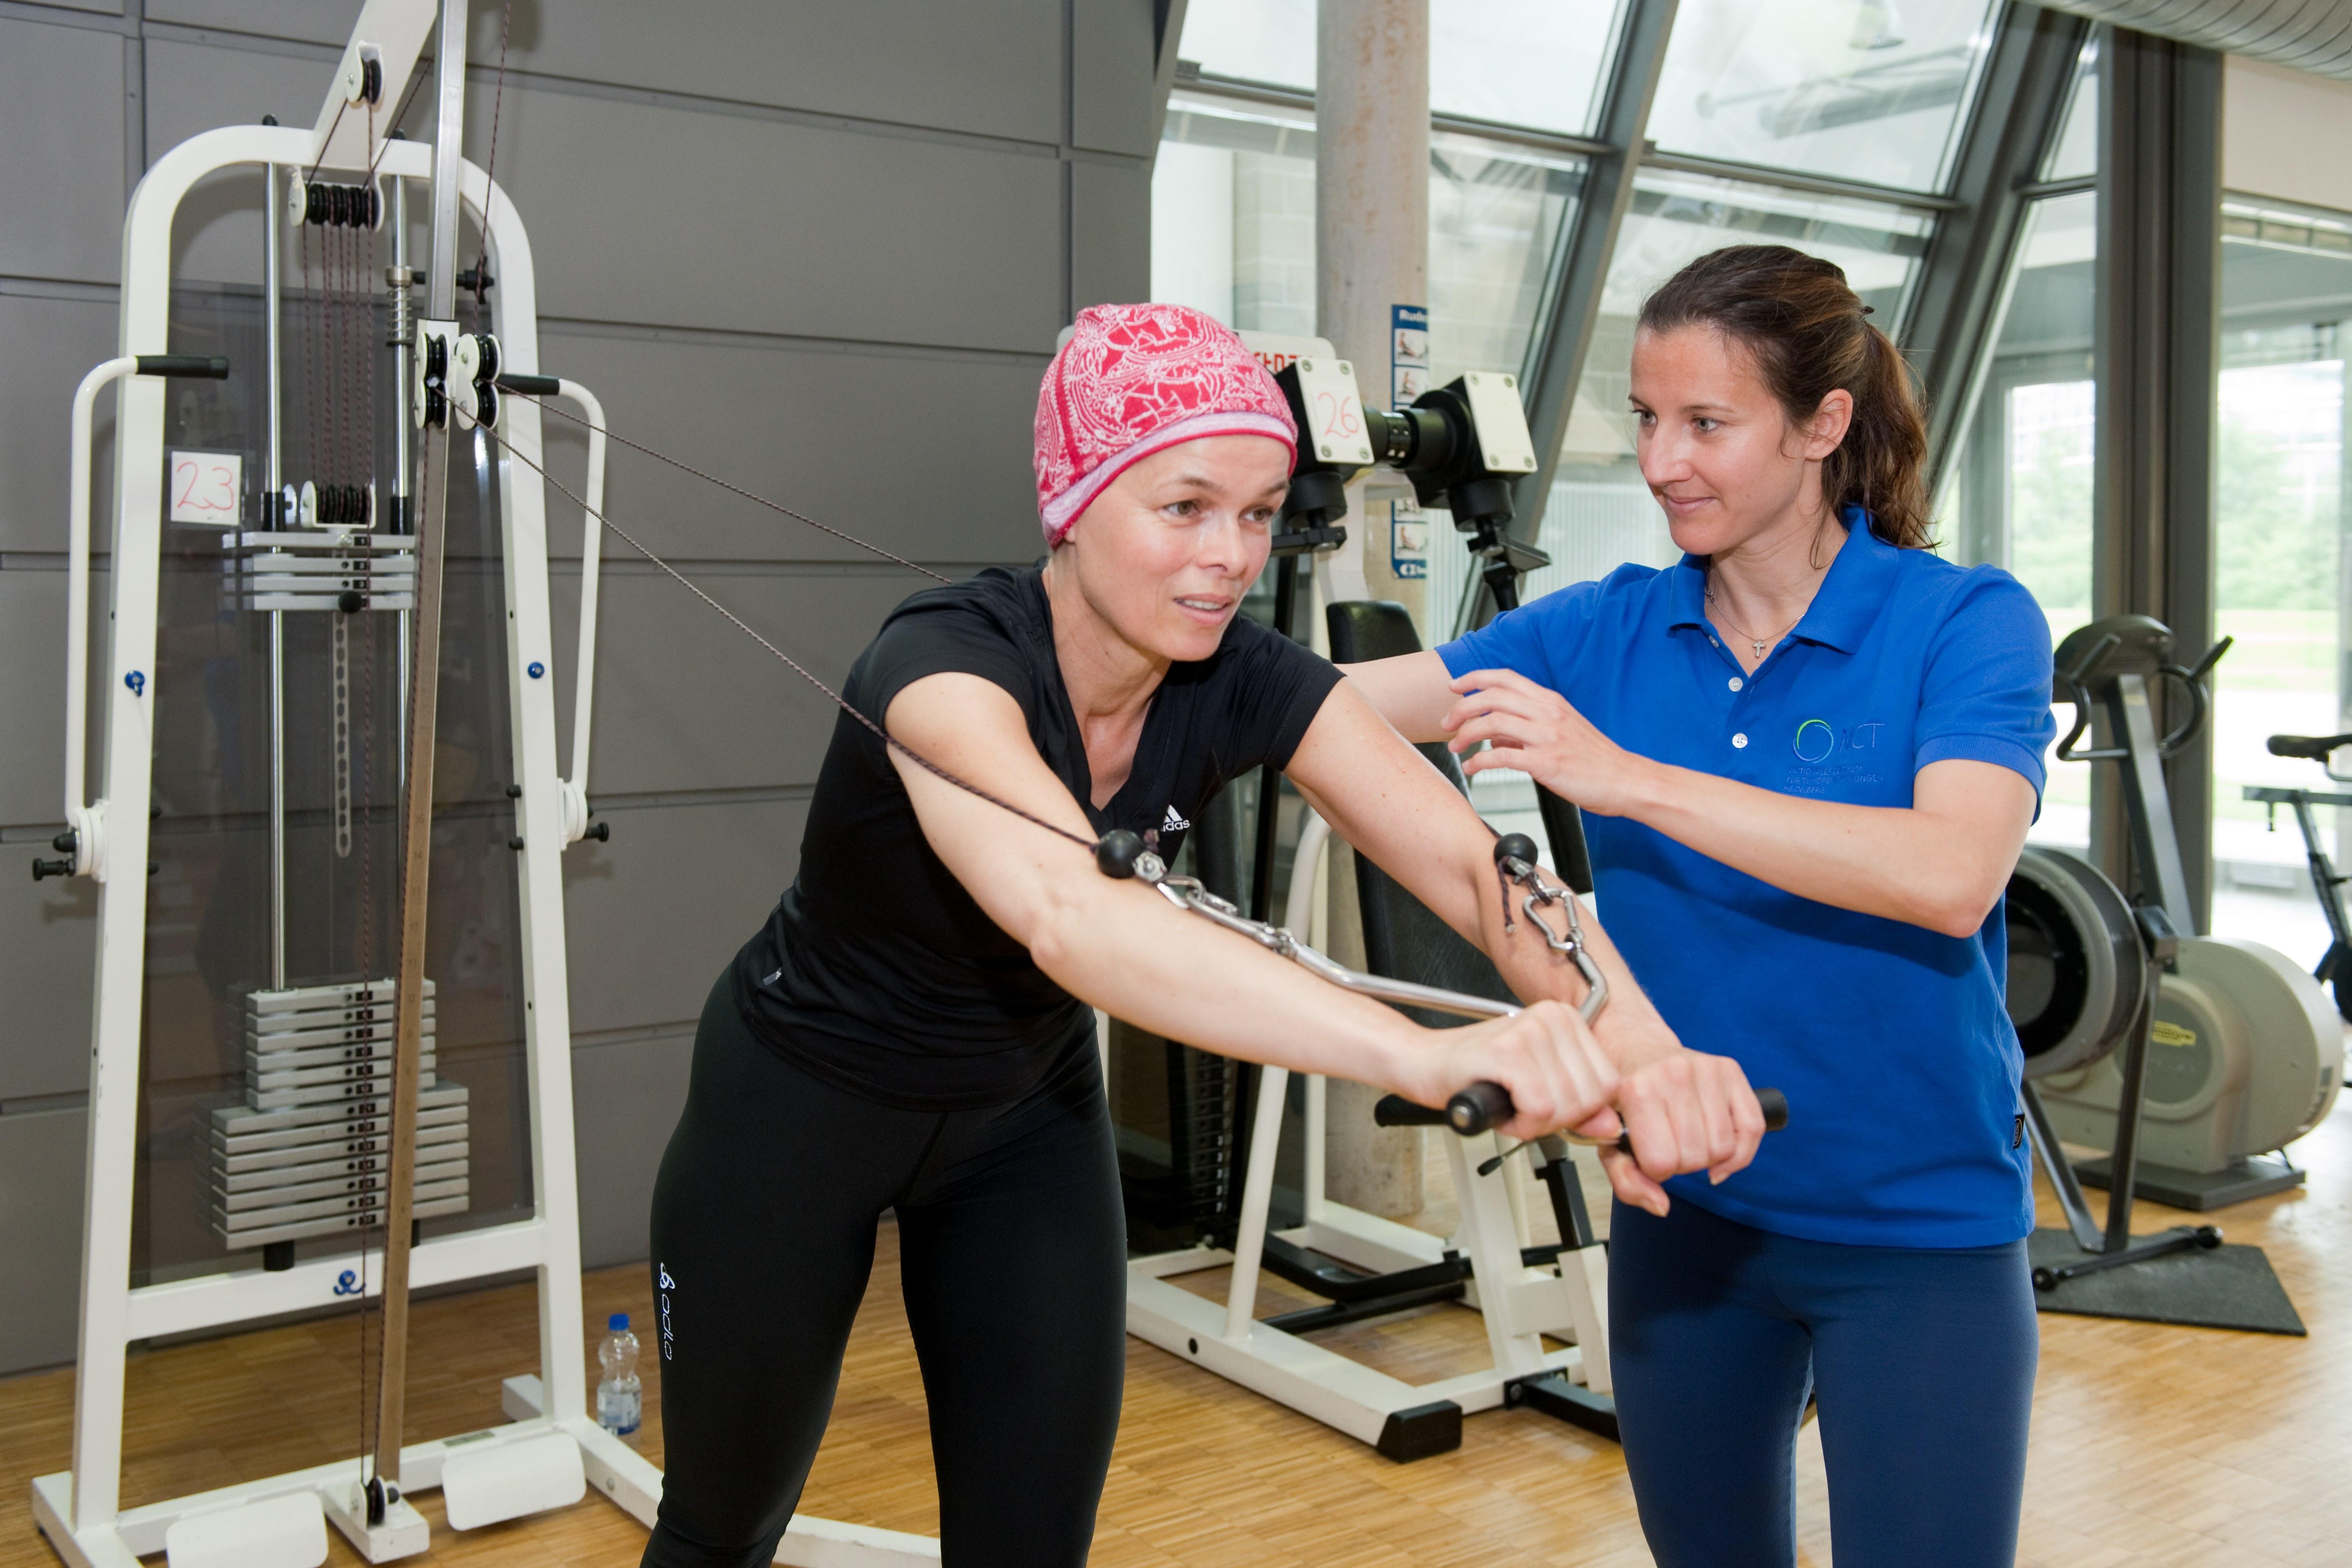 Ejercicio para personas con cáncer